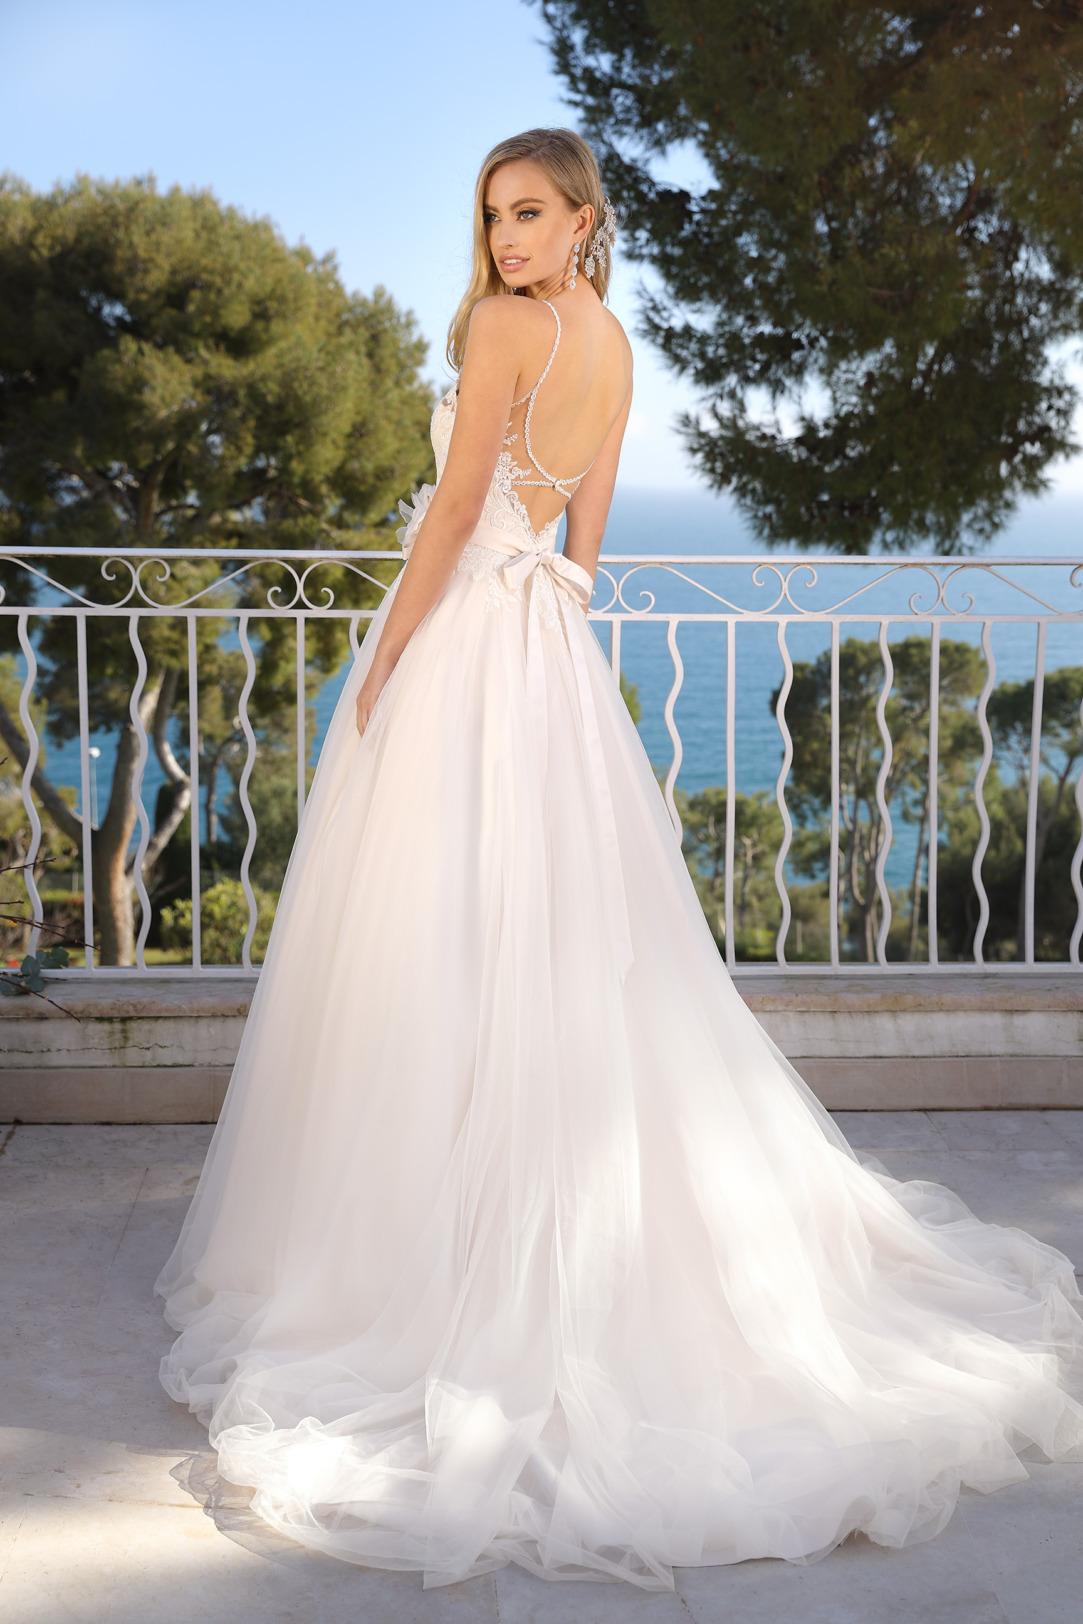 Brautkleid Hochzeitskleid in klassischer A Linie von Ladybird Modell 321000 mit ganz fein gearbeitetem V Ausschnitt und schmalen Trägern Spitze im Dekolltee das Kleid in der Farbe light pink rose und weitem Tüllrock und Schleppe